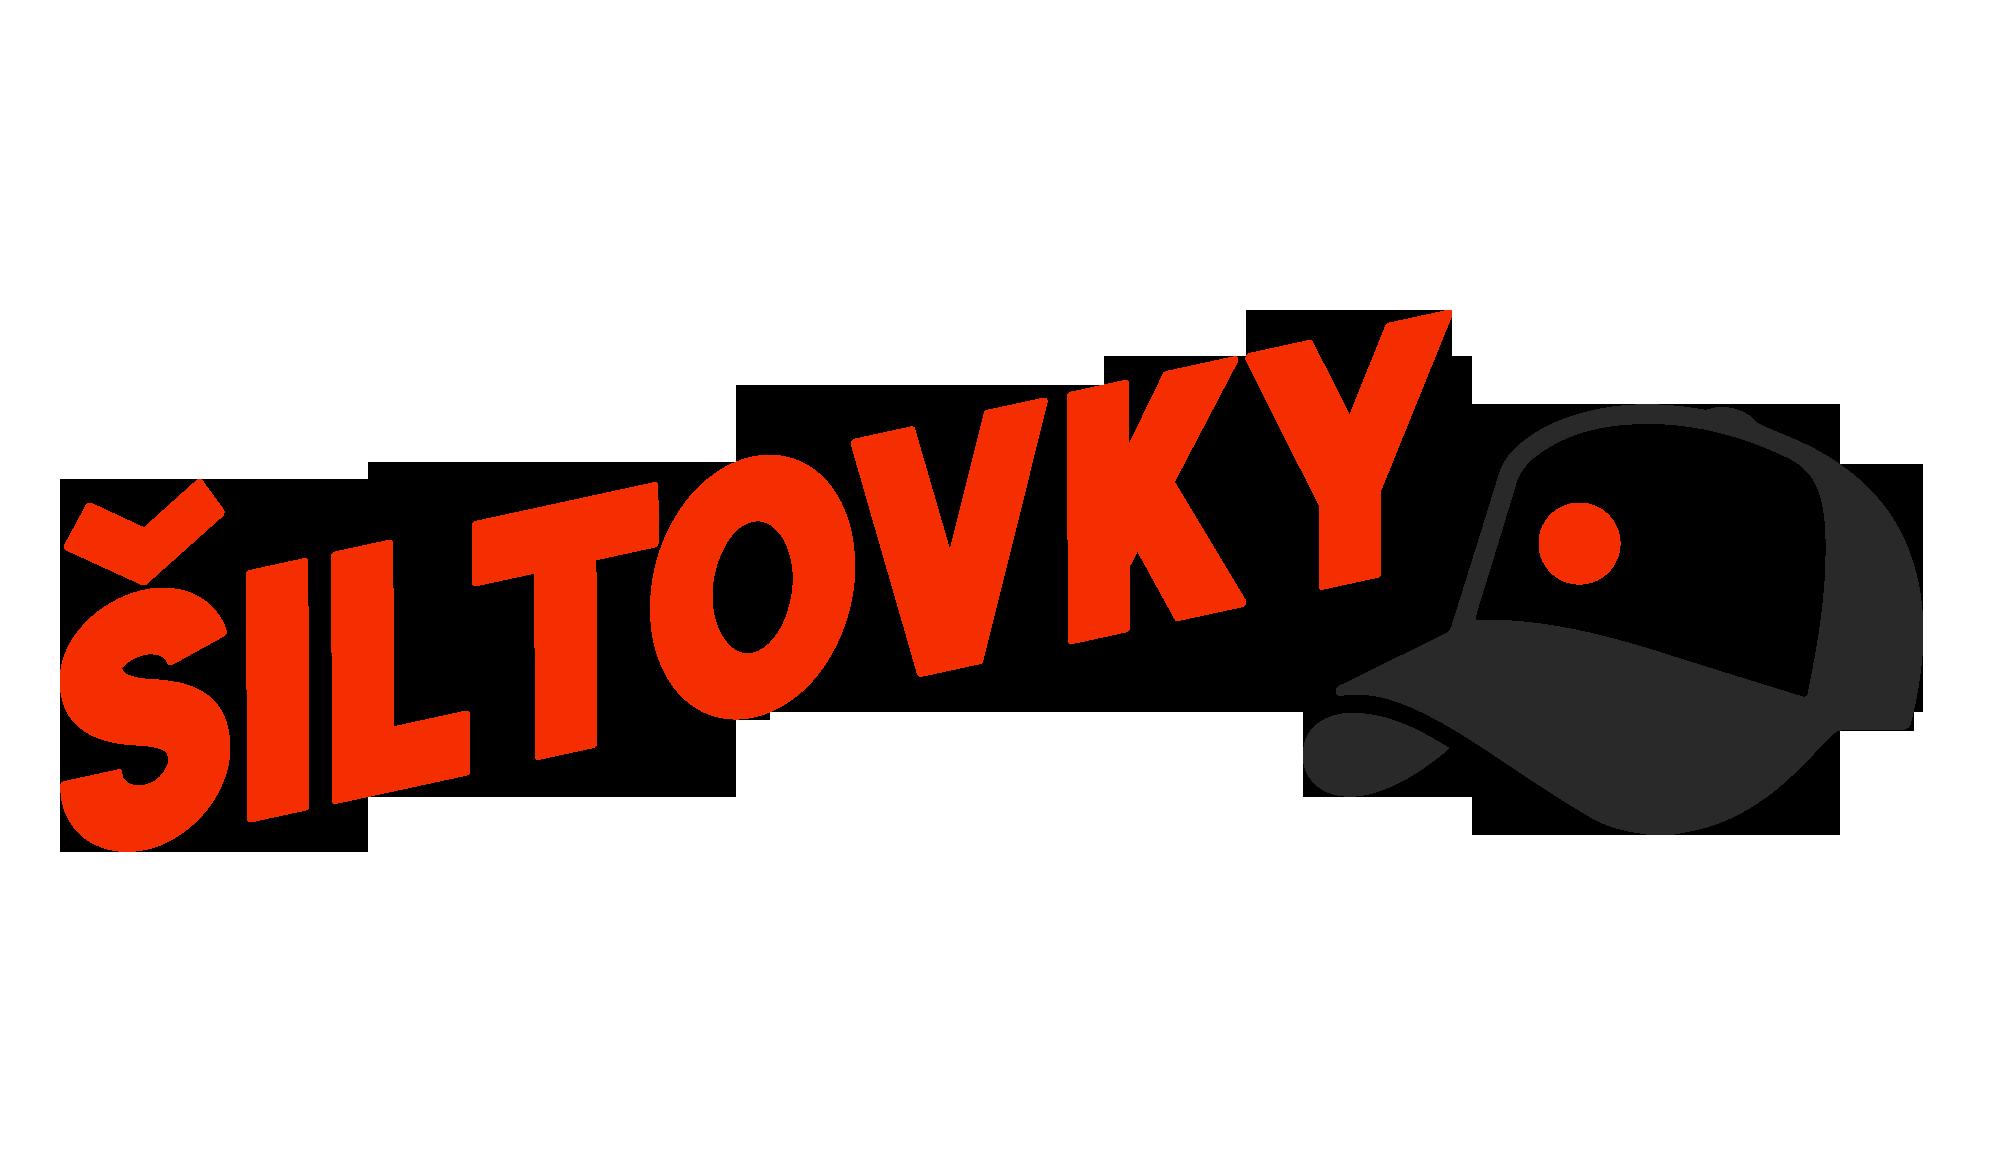 04508485d www.siltovky-ciapky.sk - Šiltovky a čiapky s logom